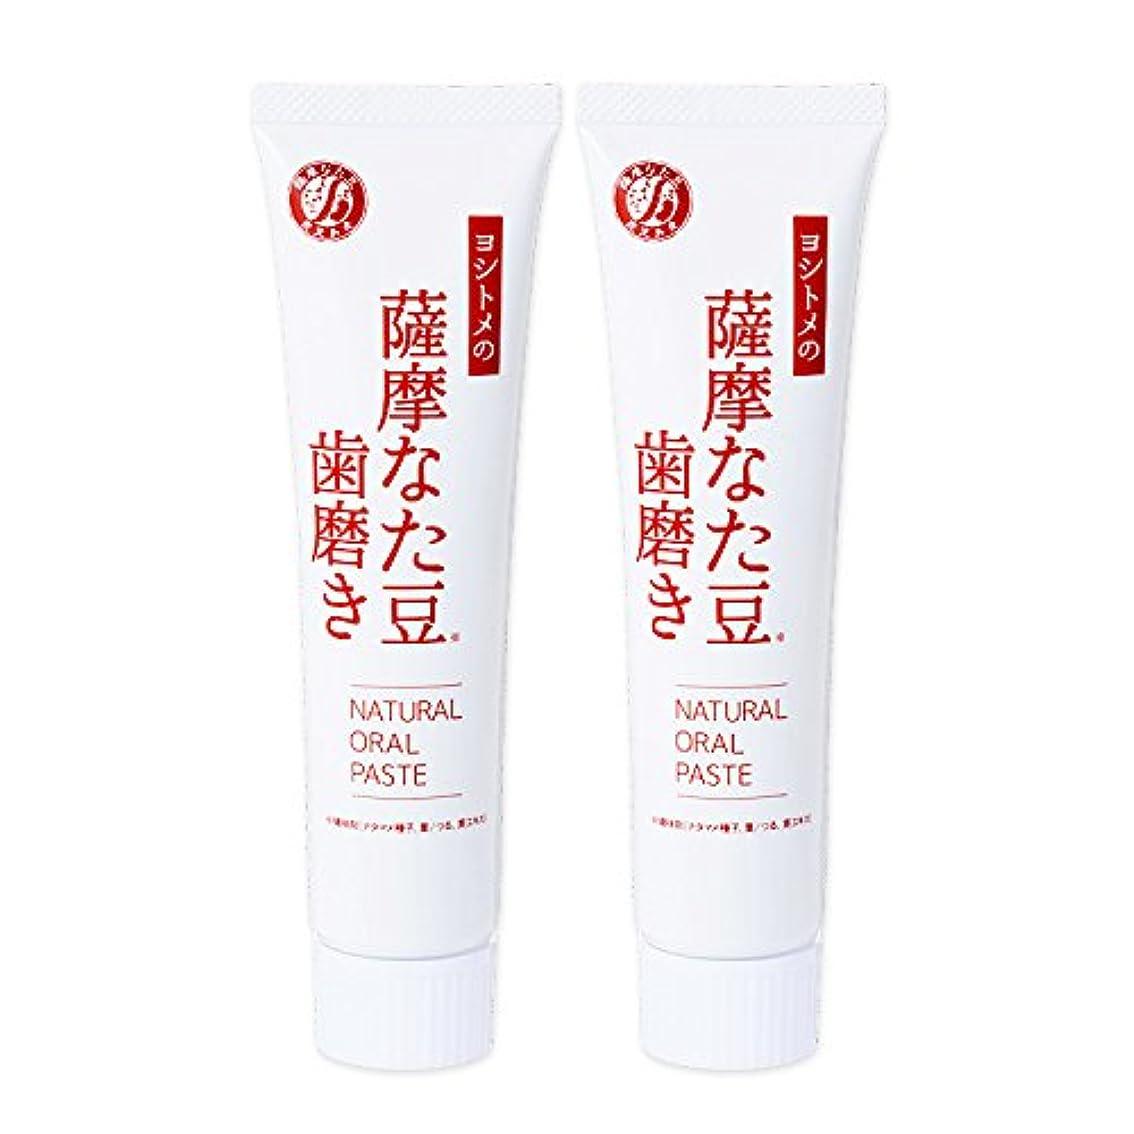 職業愛国的なラインナップヨシトメの薩摩なた豆歯磨き [110g]白箱◆2個セット